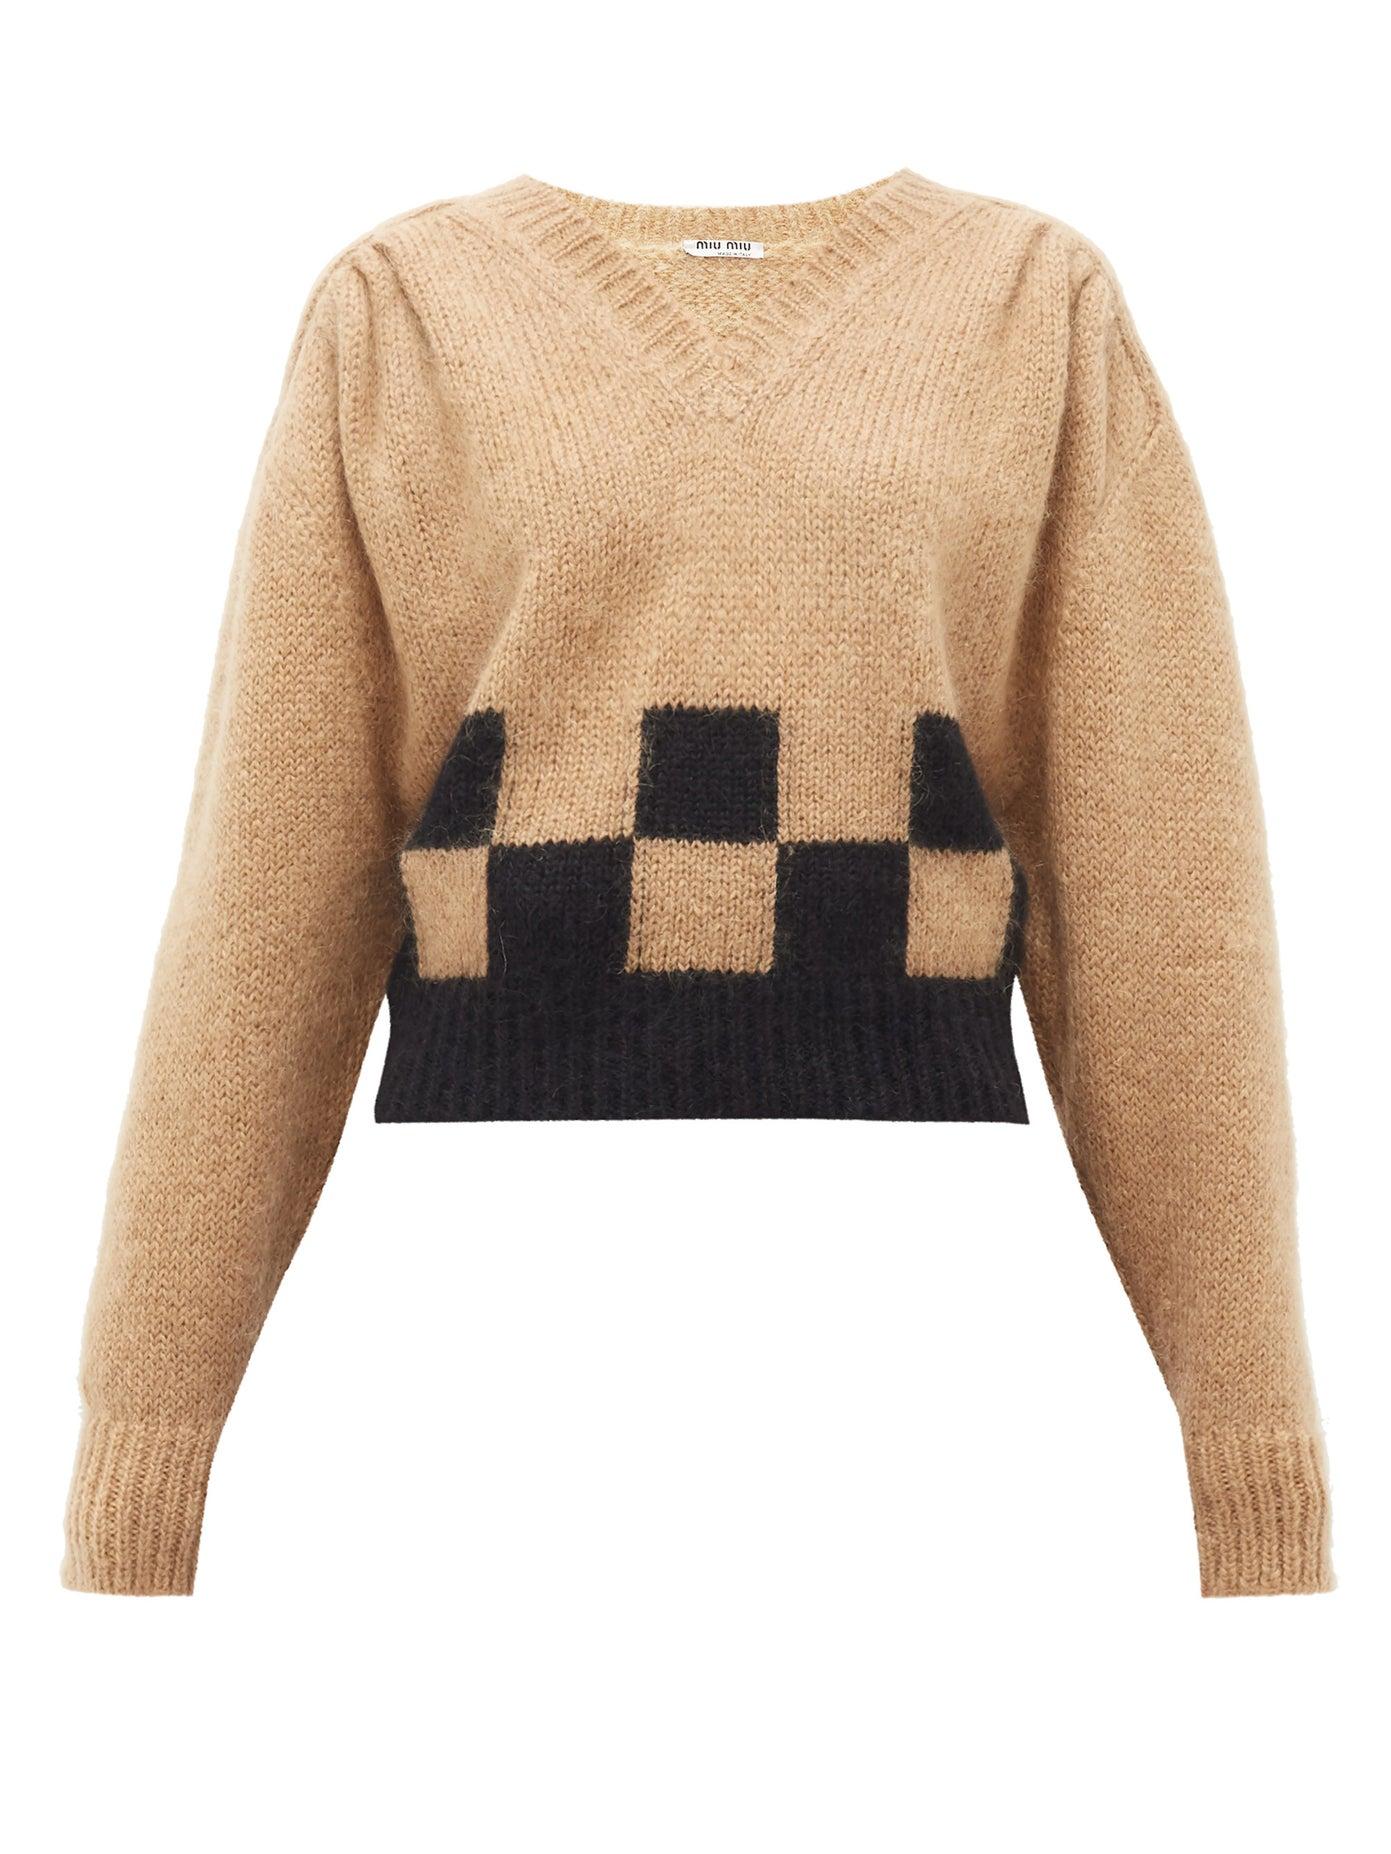 MIU MIU Checkerboard Mohair-blend Sweater 1278лв